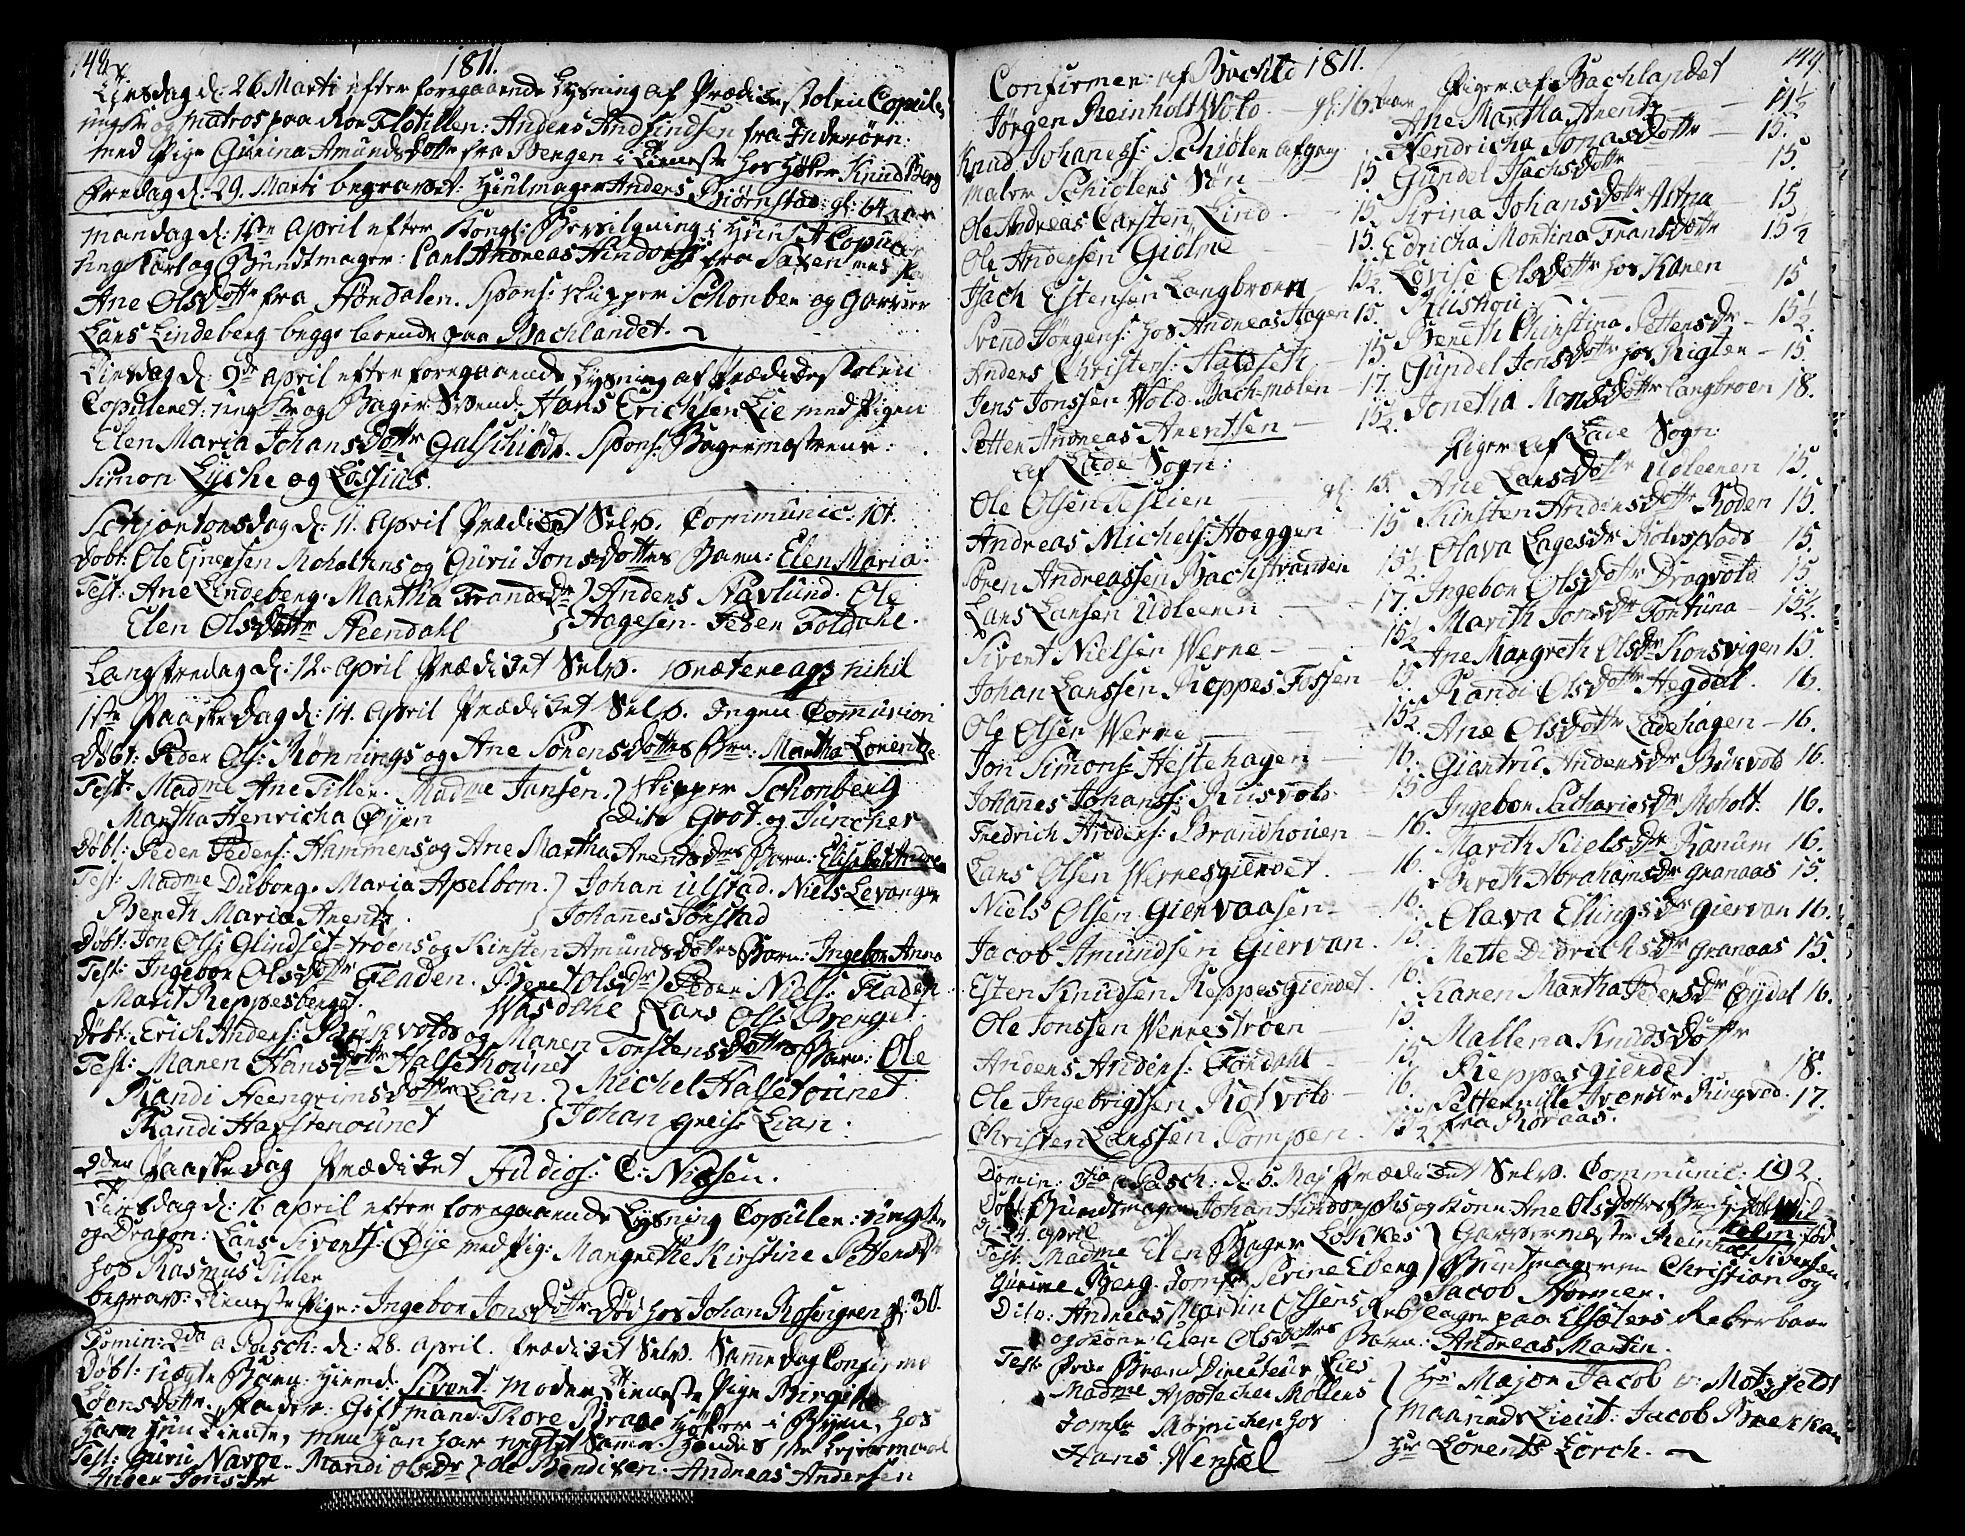 SAT, Ministerialprotokoller, klokkerbøker og fødselsregistre - Sør-Trøndelag, 604/L0181: Ministerialbok nr. 604A02, 1798-1817, s. 148-149